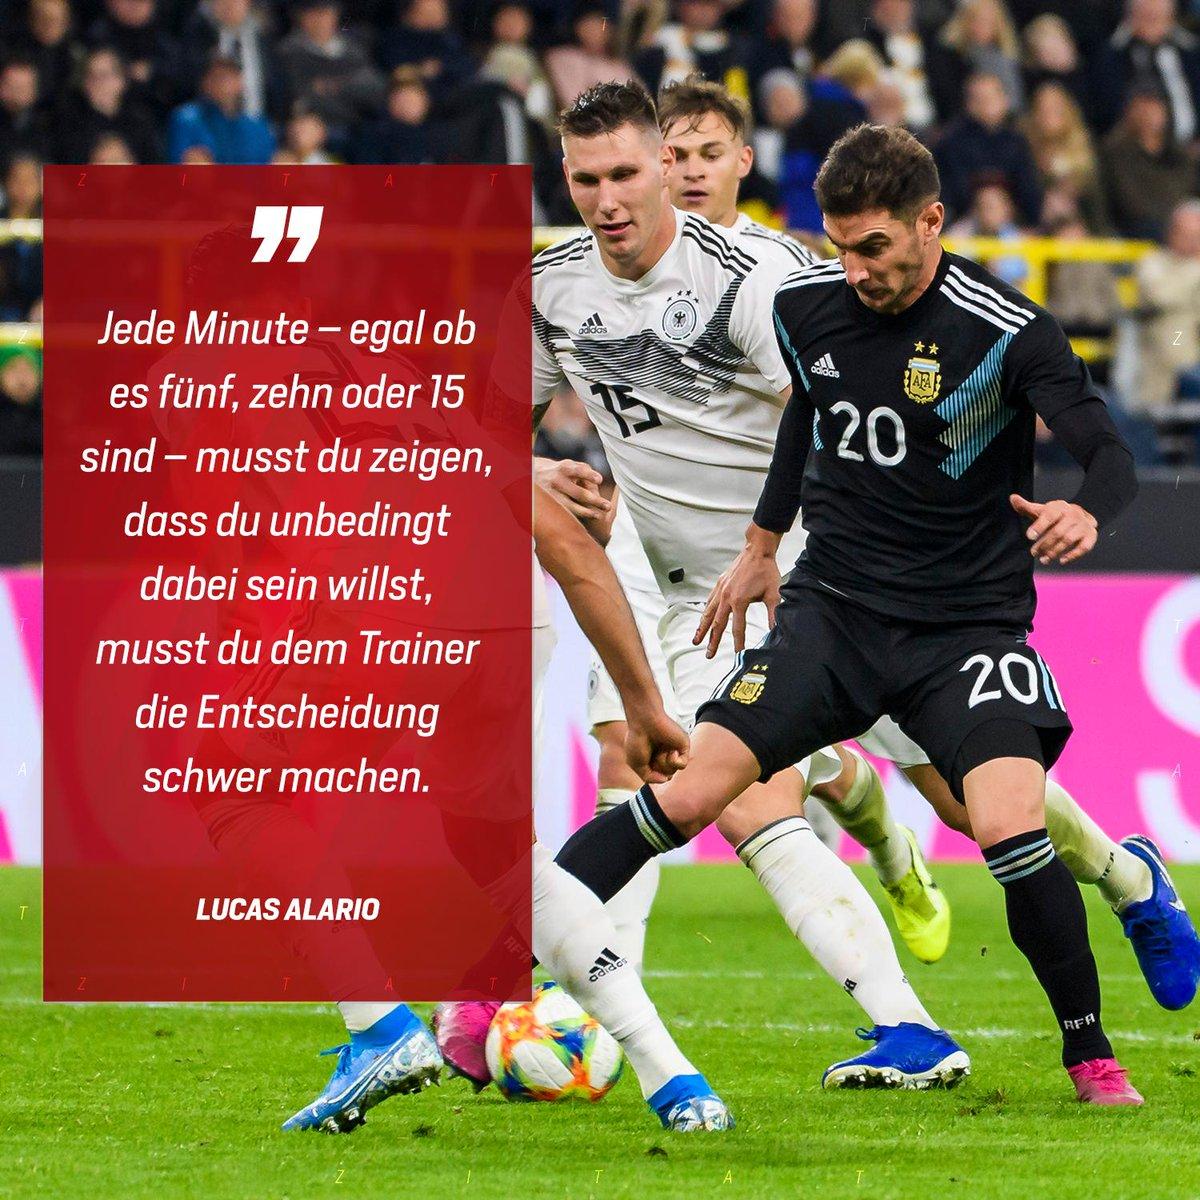 🗯 Für das Nationaltrikot musst du um dein Leben kämpfen. – Lucas #Alario über seine eindrucksvolle Leistung mit einem Tor und einer Vorlage binnen 19 Minuten im Länderspiel #GERARG! #InternationalWerkself